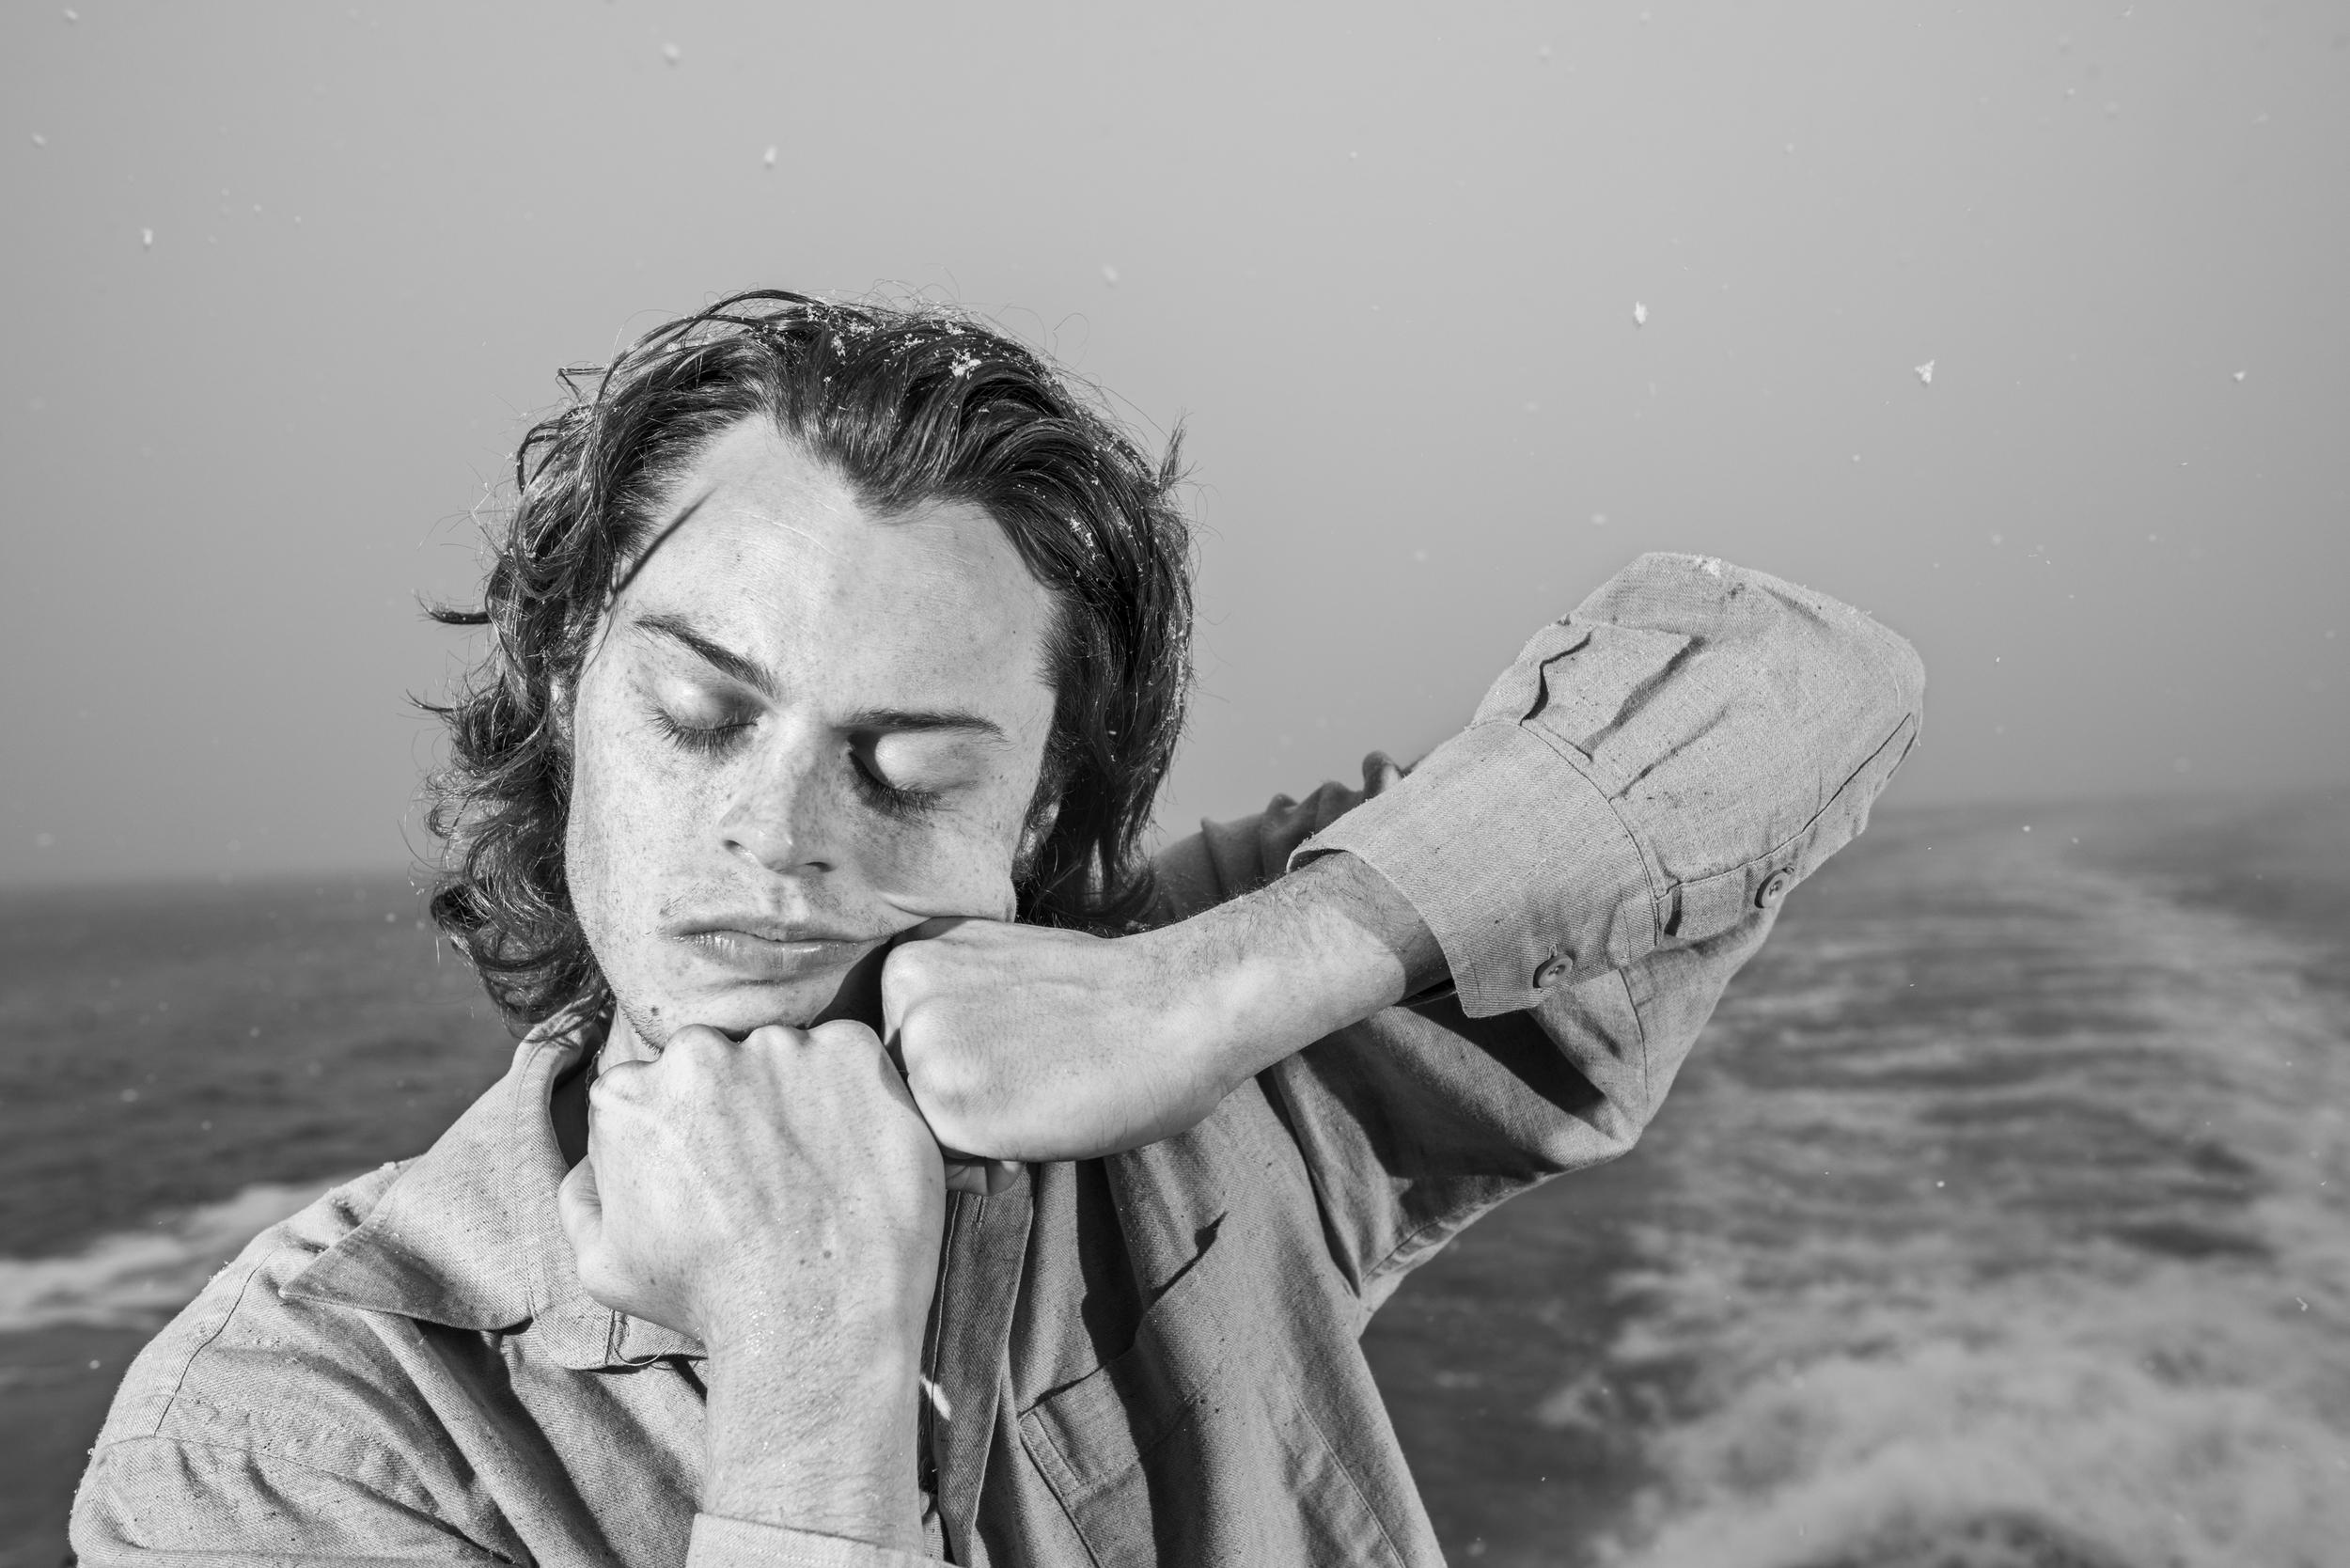 Thresheld  Photograph by Jonno Rattman